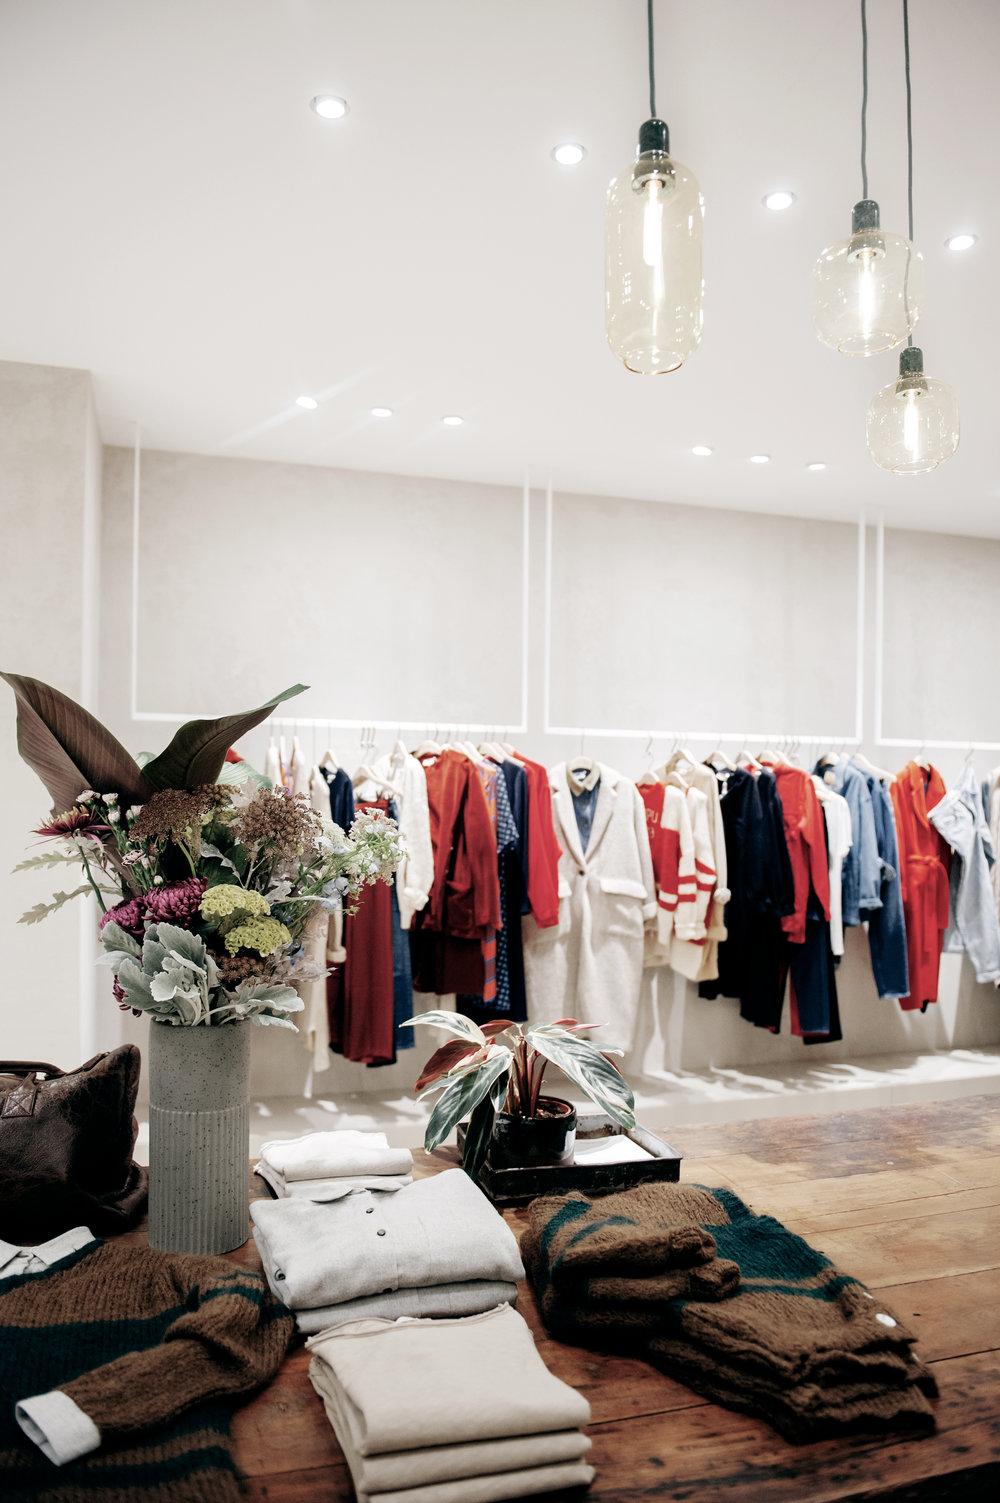 AV_Store_Antwerp_credit_Oona_SMET_6.jpg